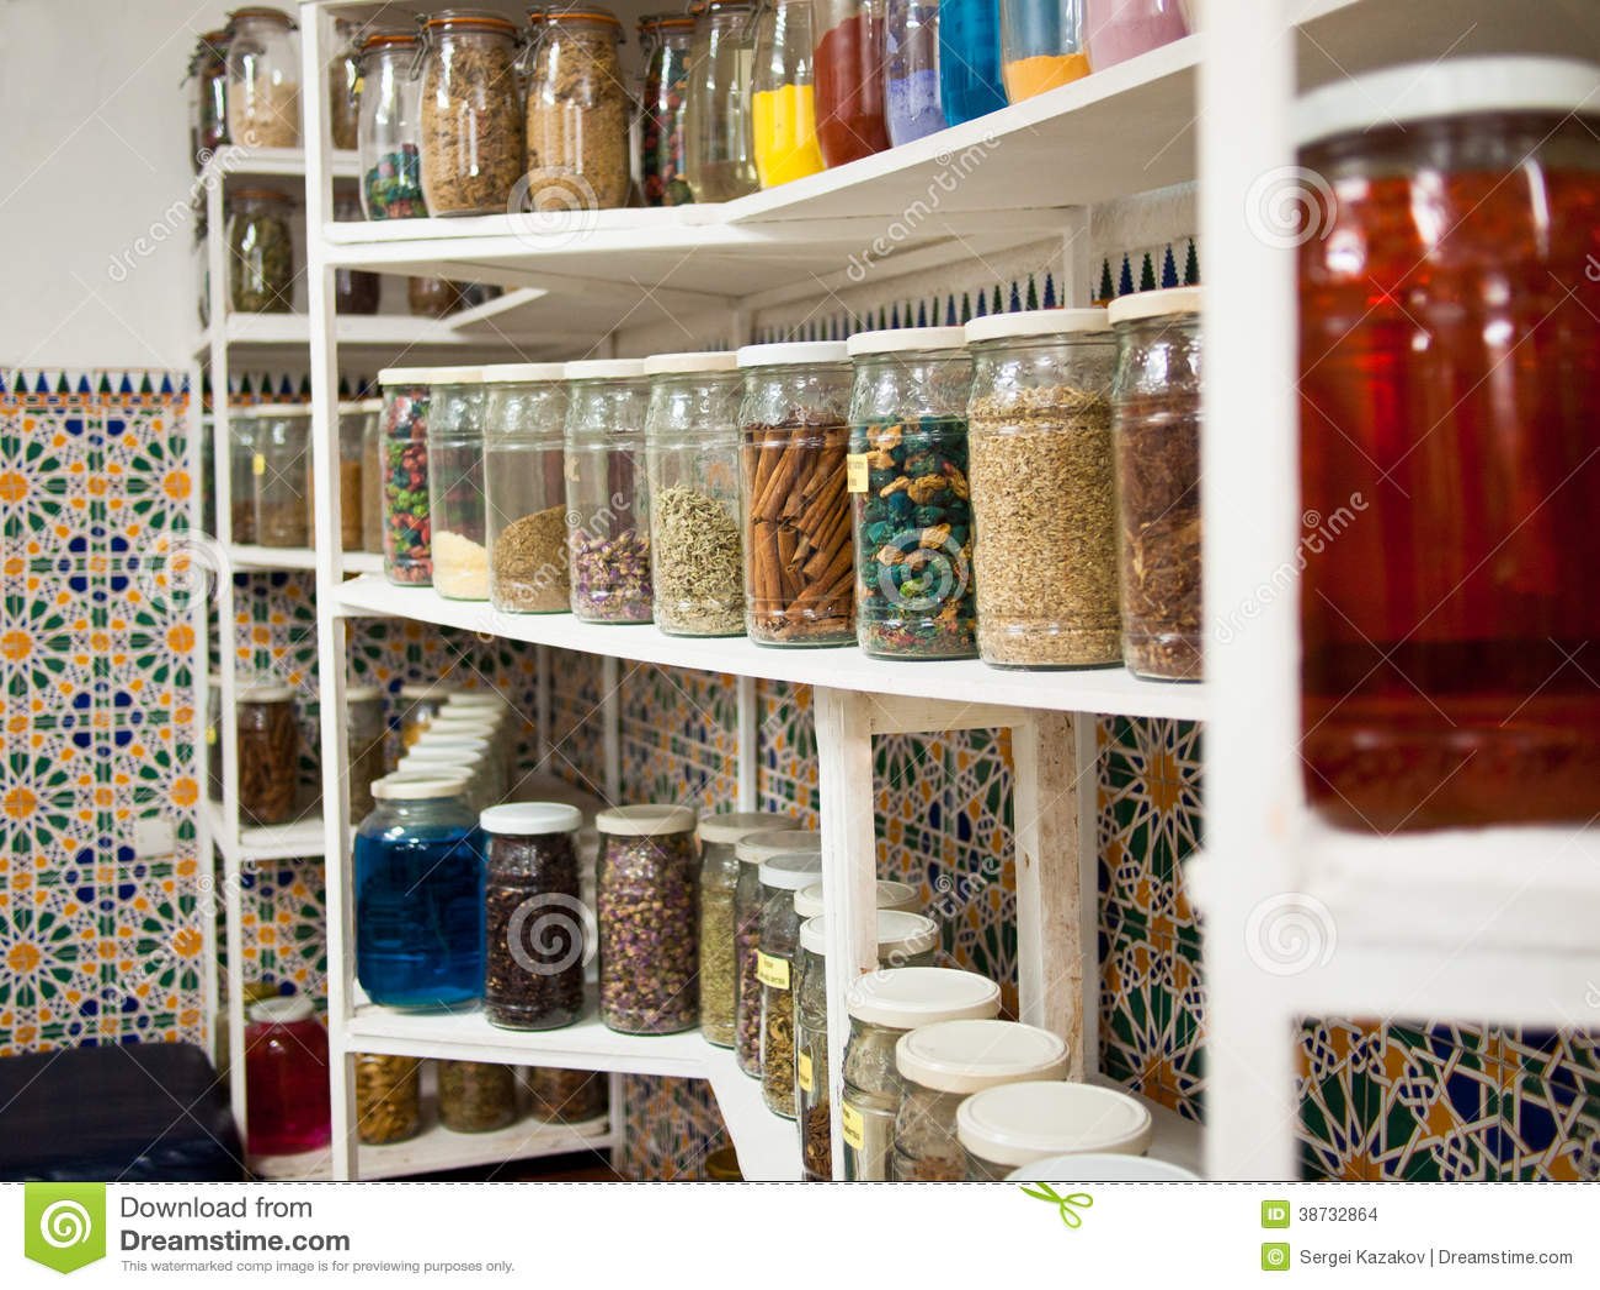 hylla på engelska ~ på hylla är krus med kryddor arkivbilder  bild 38732864